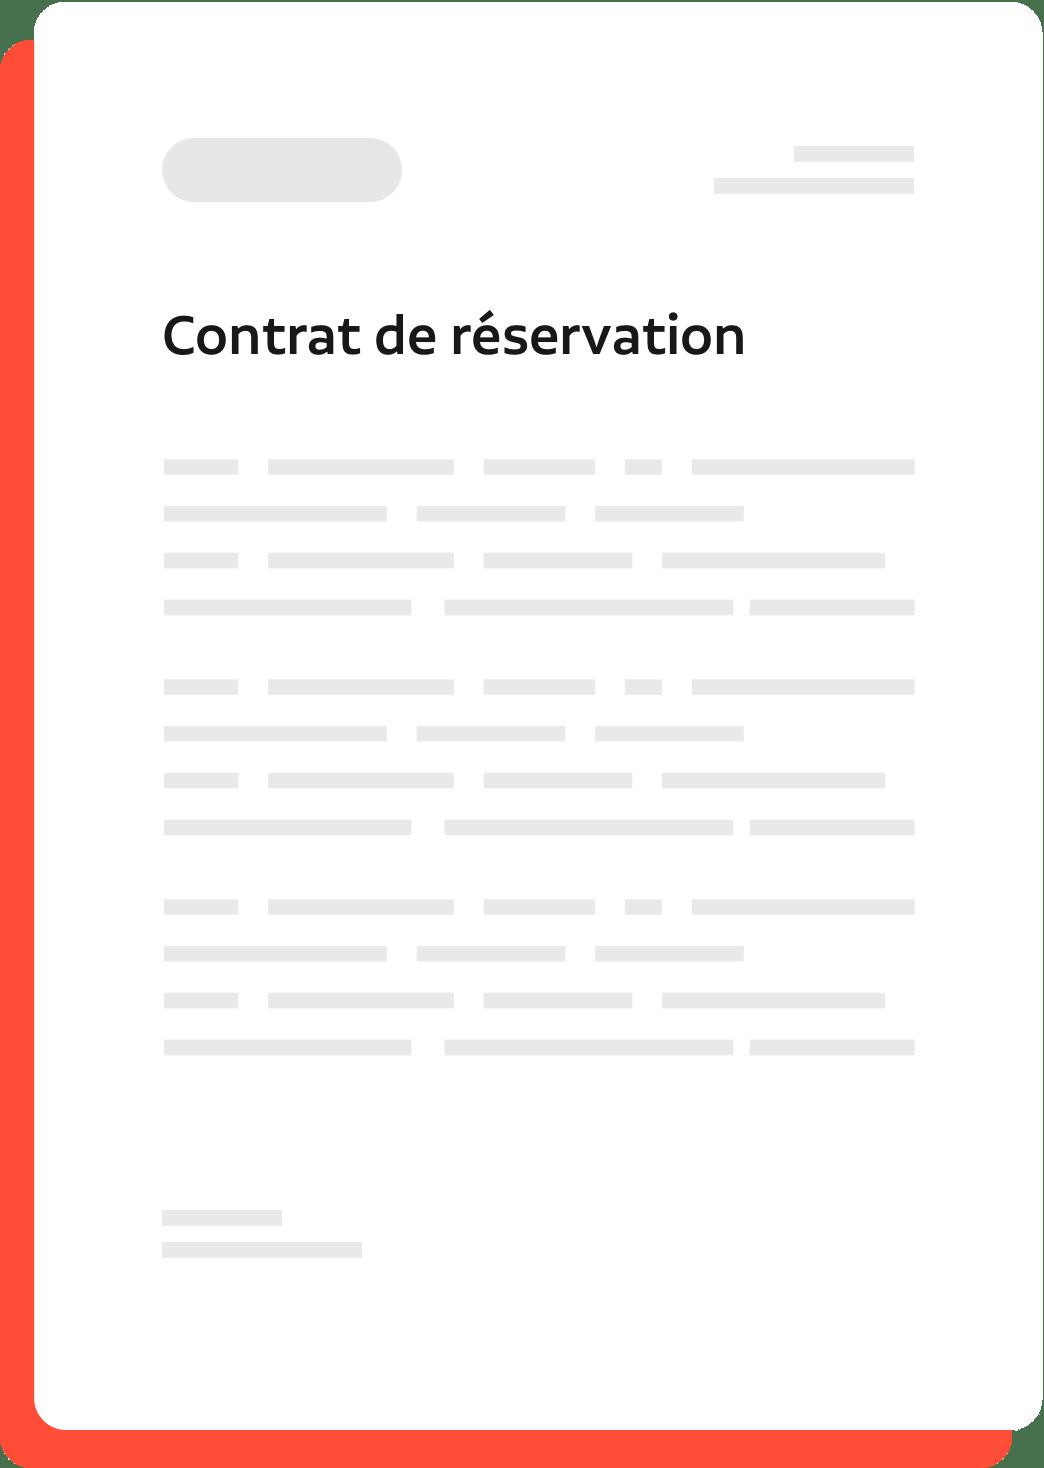 contrat de reservation